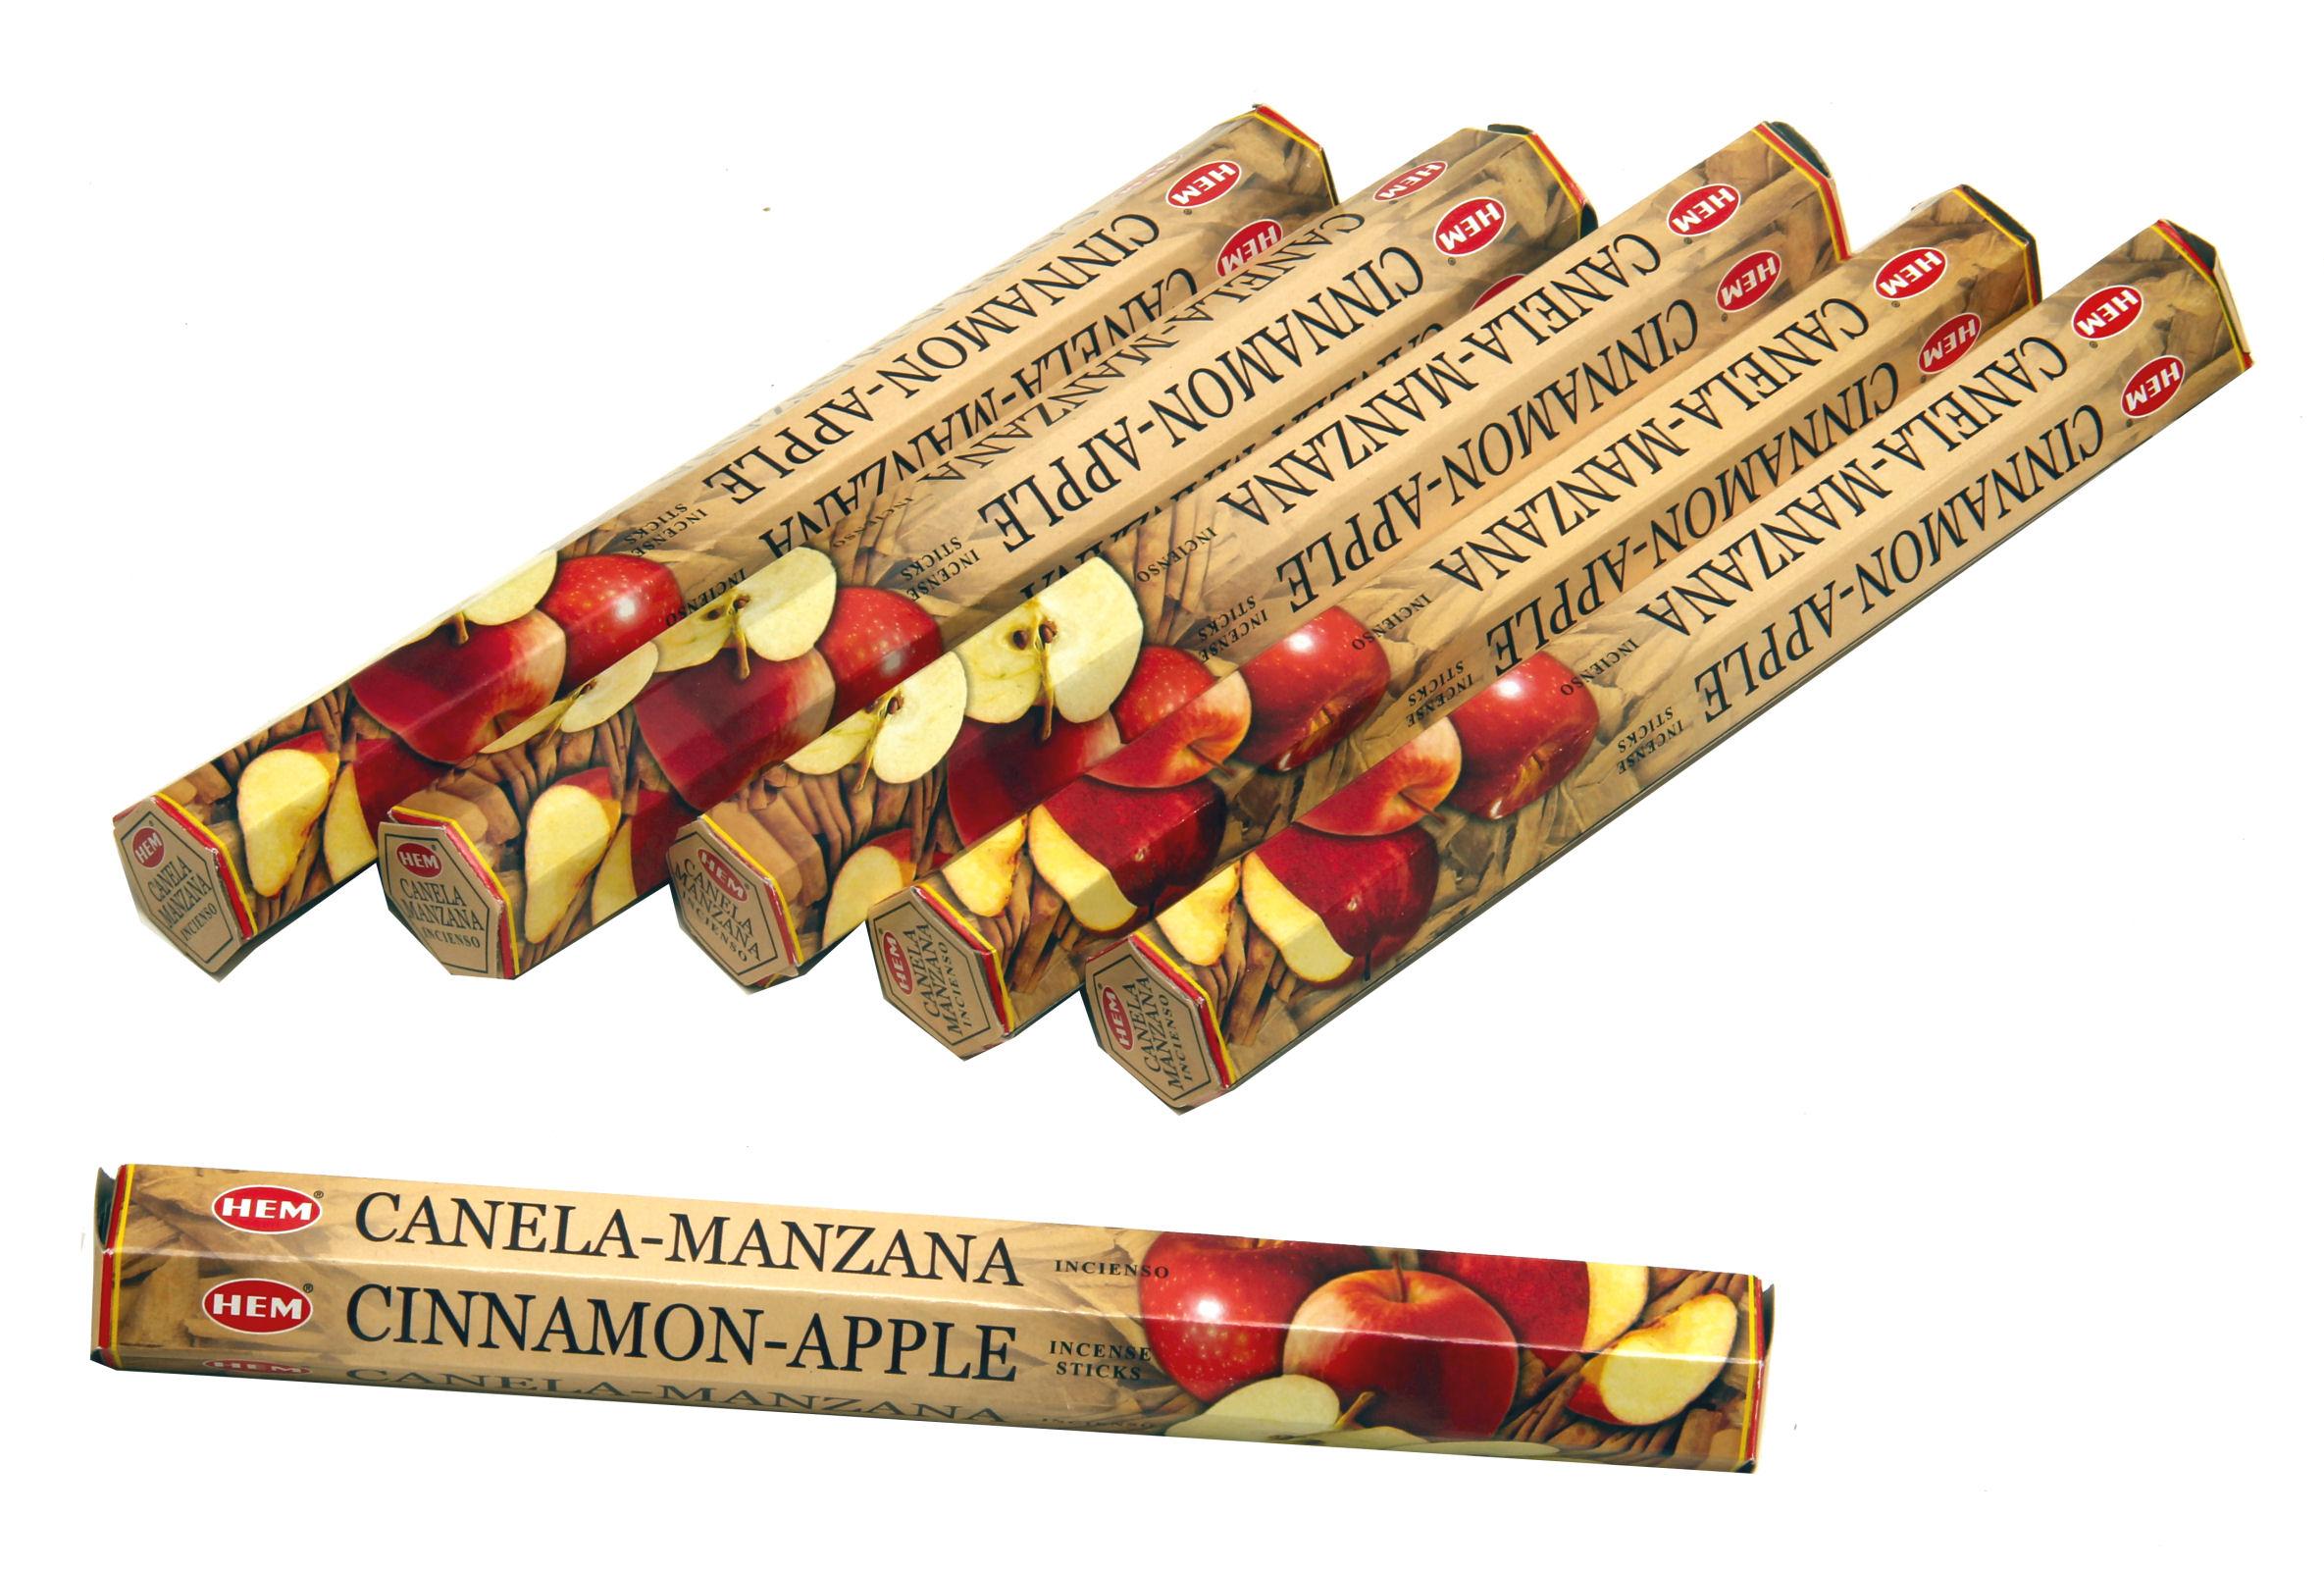 HEM Räucherstäbchen Sparset. 6 Packungen ca. 120 Sticks Cinnamon Apple